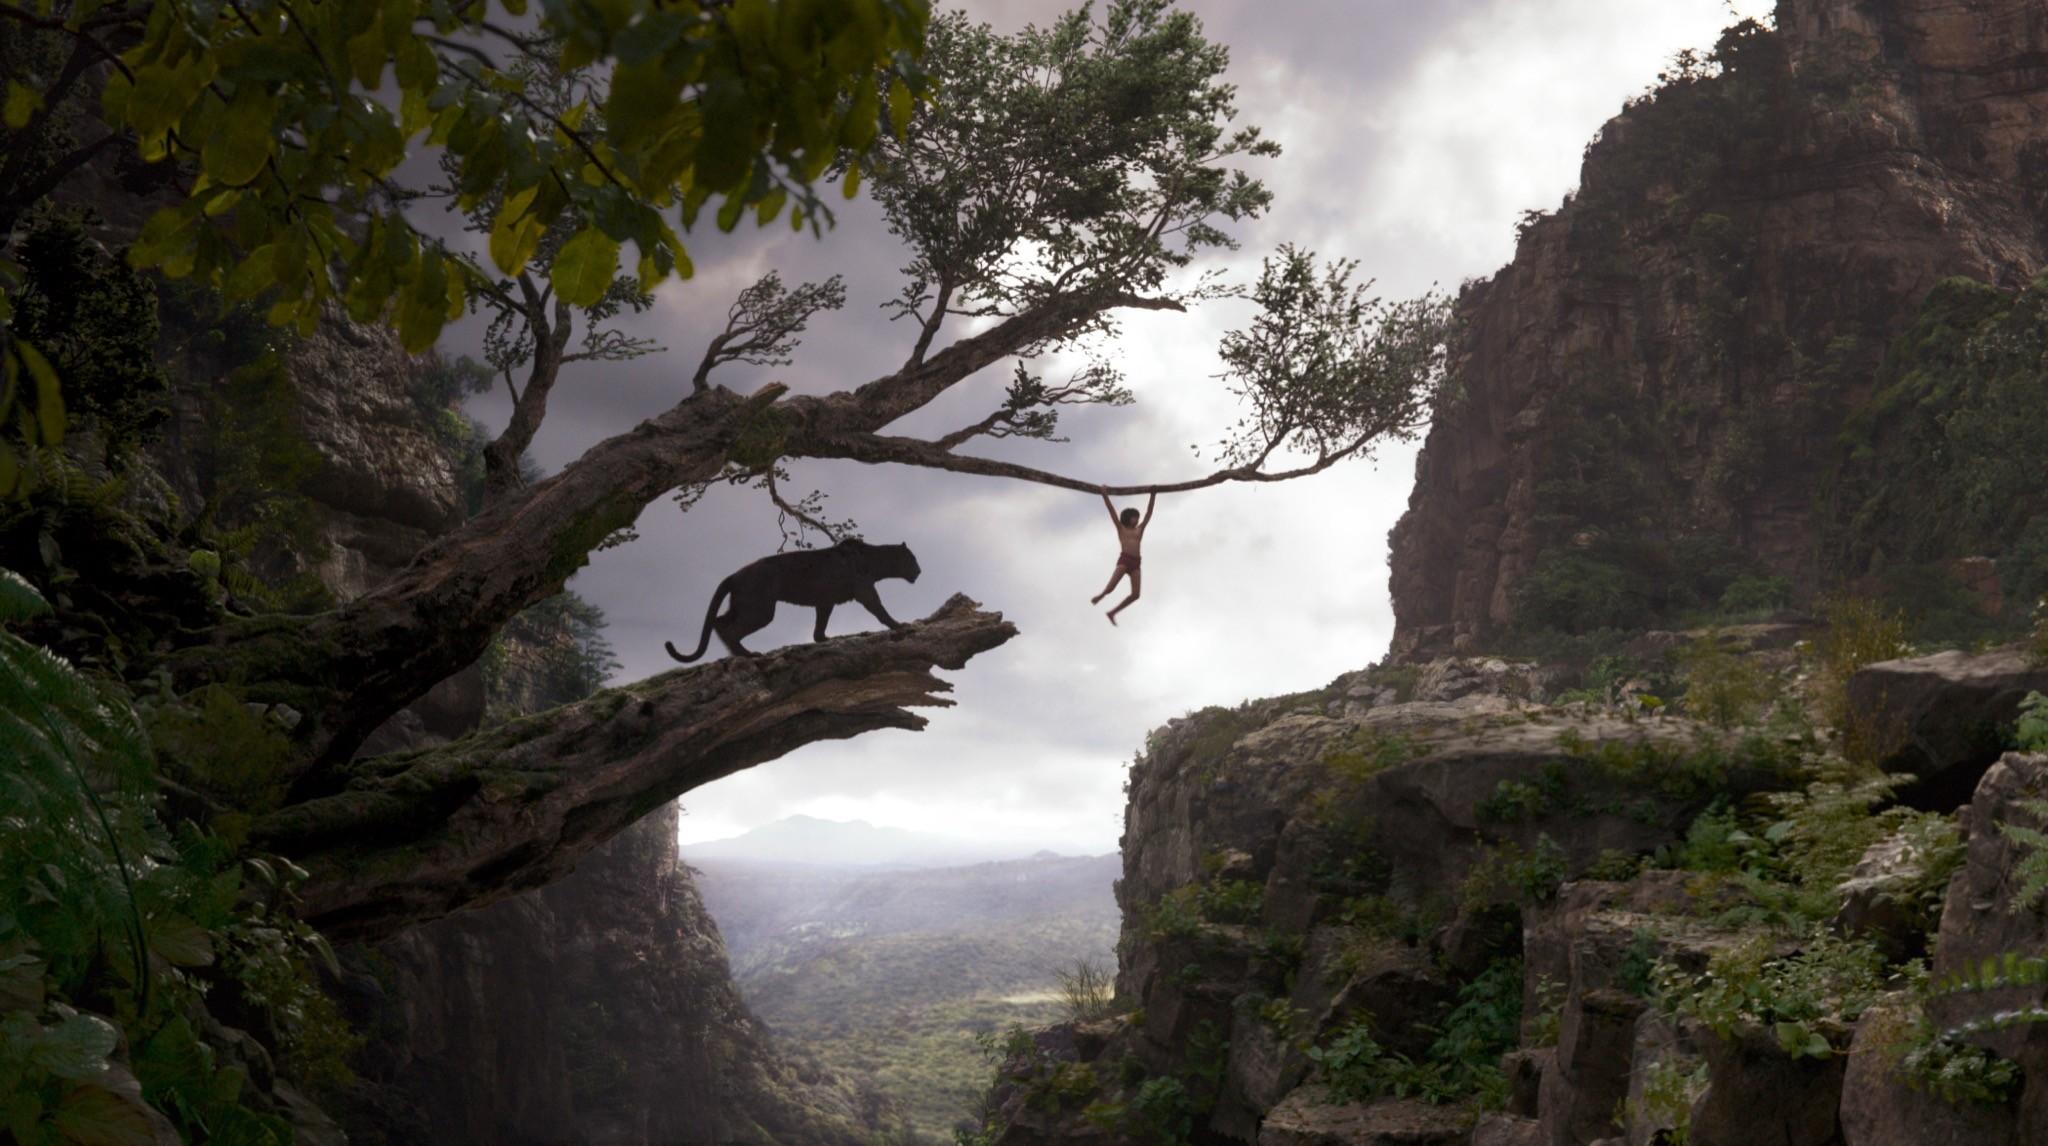 Le Livre de la Jungle-020_mj_0060_comp_v0935_right.87223